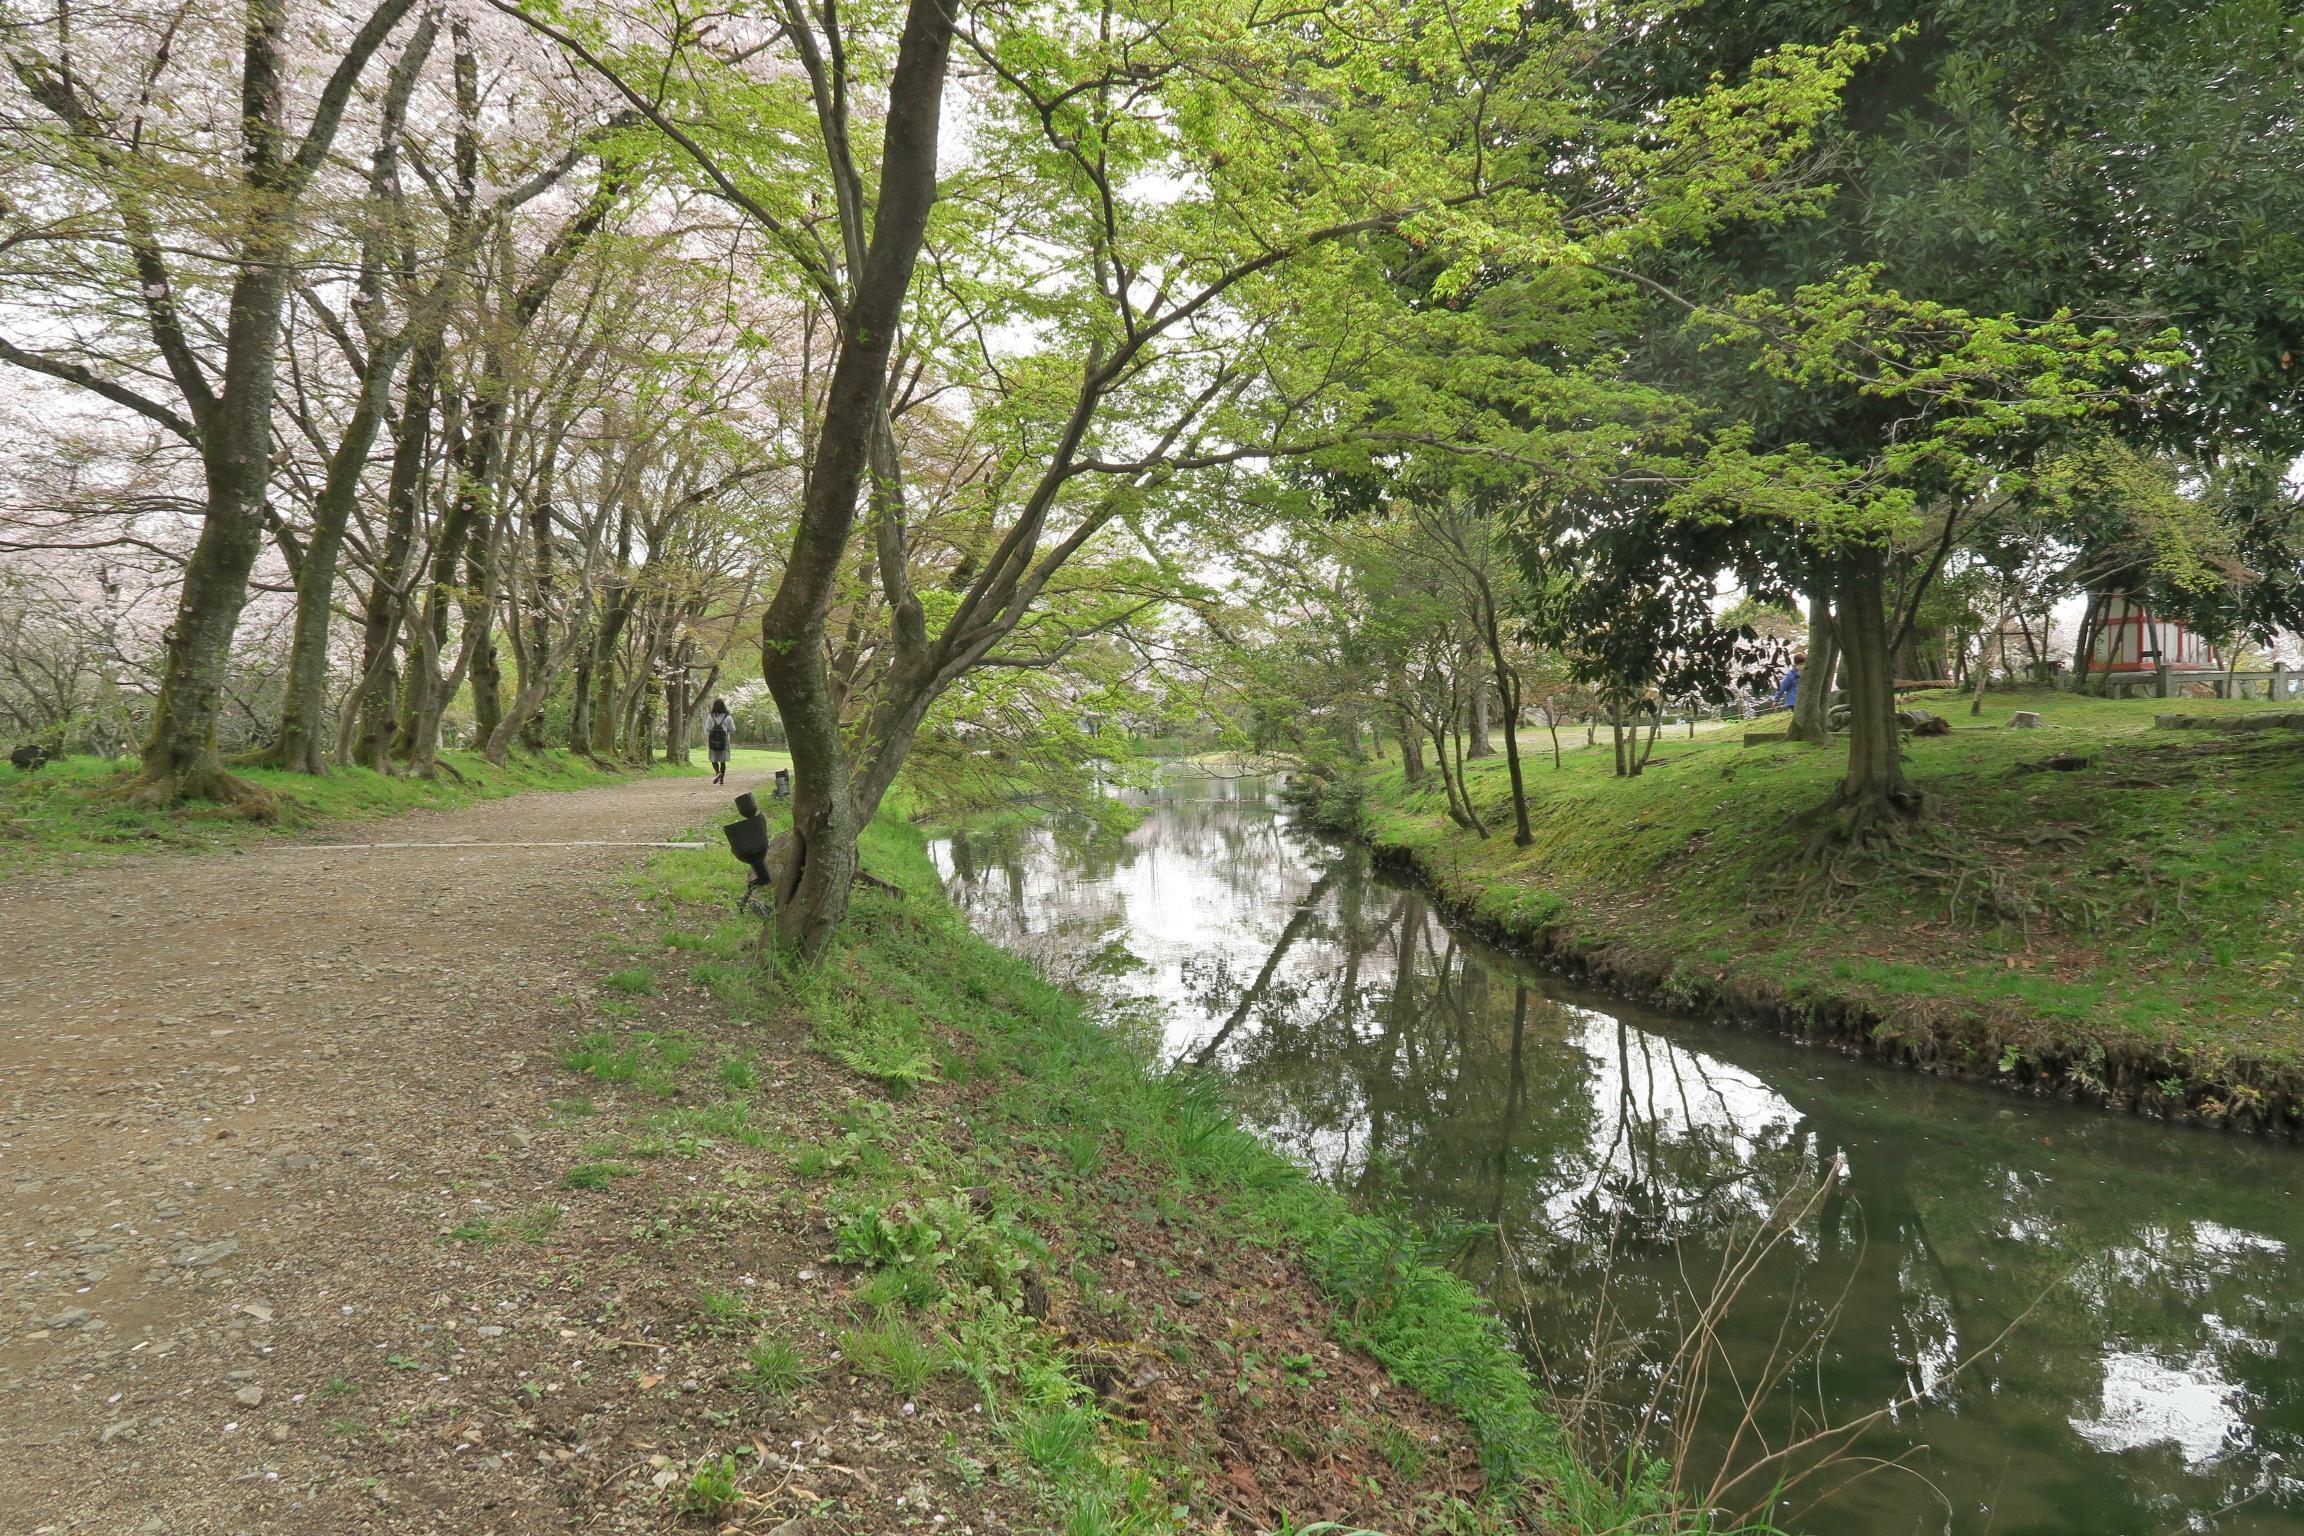 桜と新緑に囲まれ、雰囲気の良い道でした。